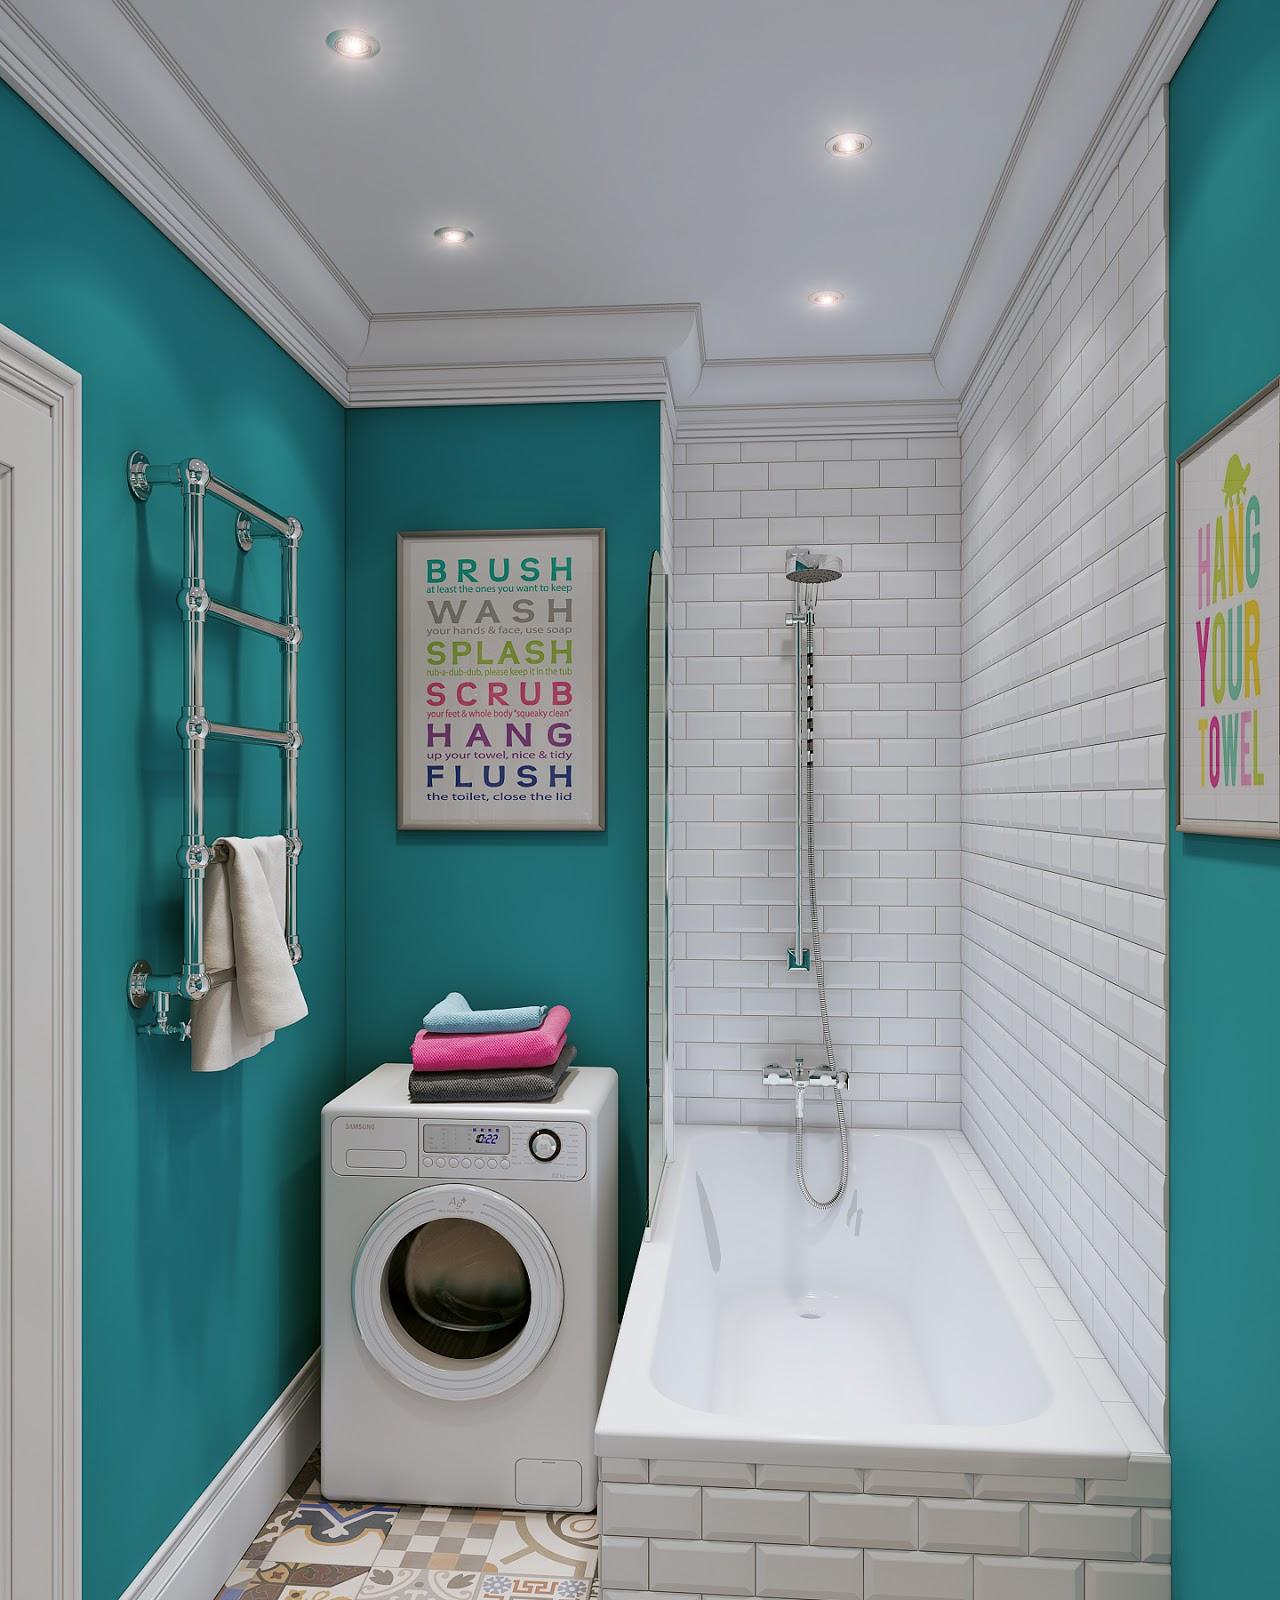 Arredare piccoli spazi giocando con i colori 25 mq for Piccoli piani di casa in florida